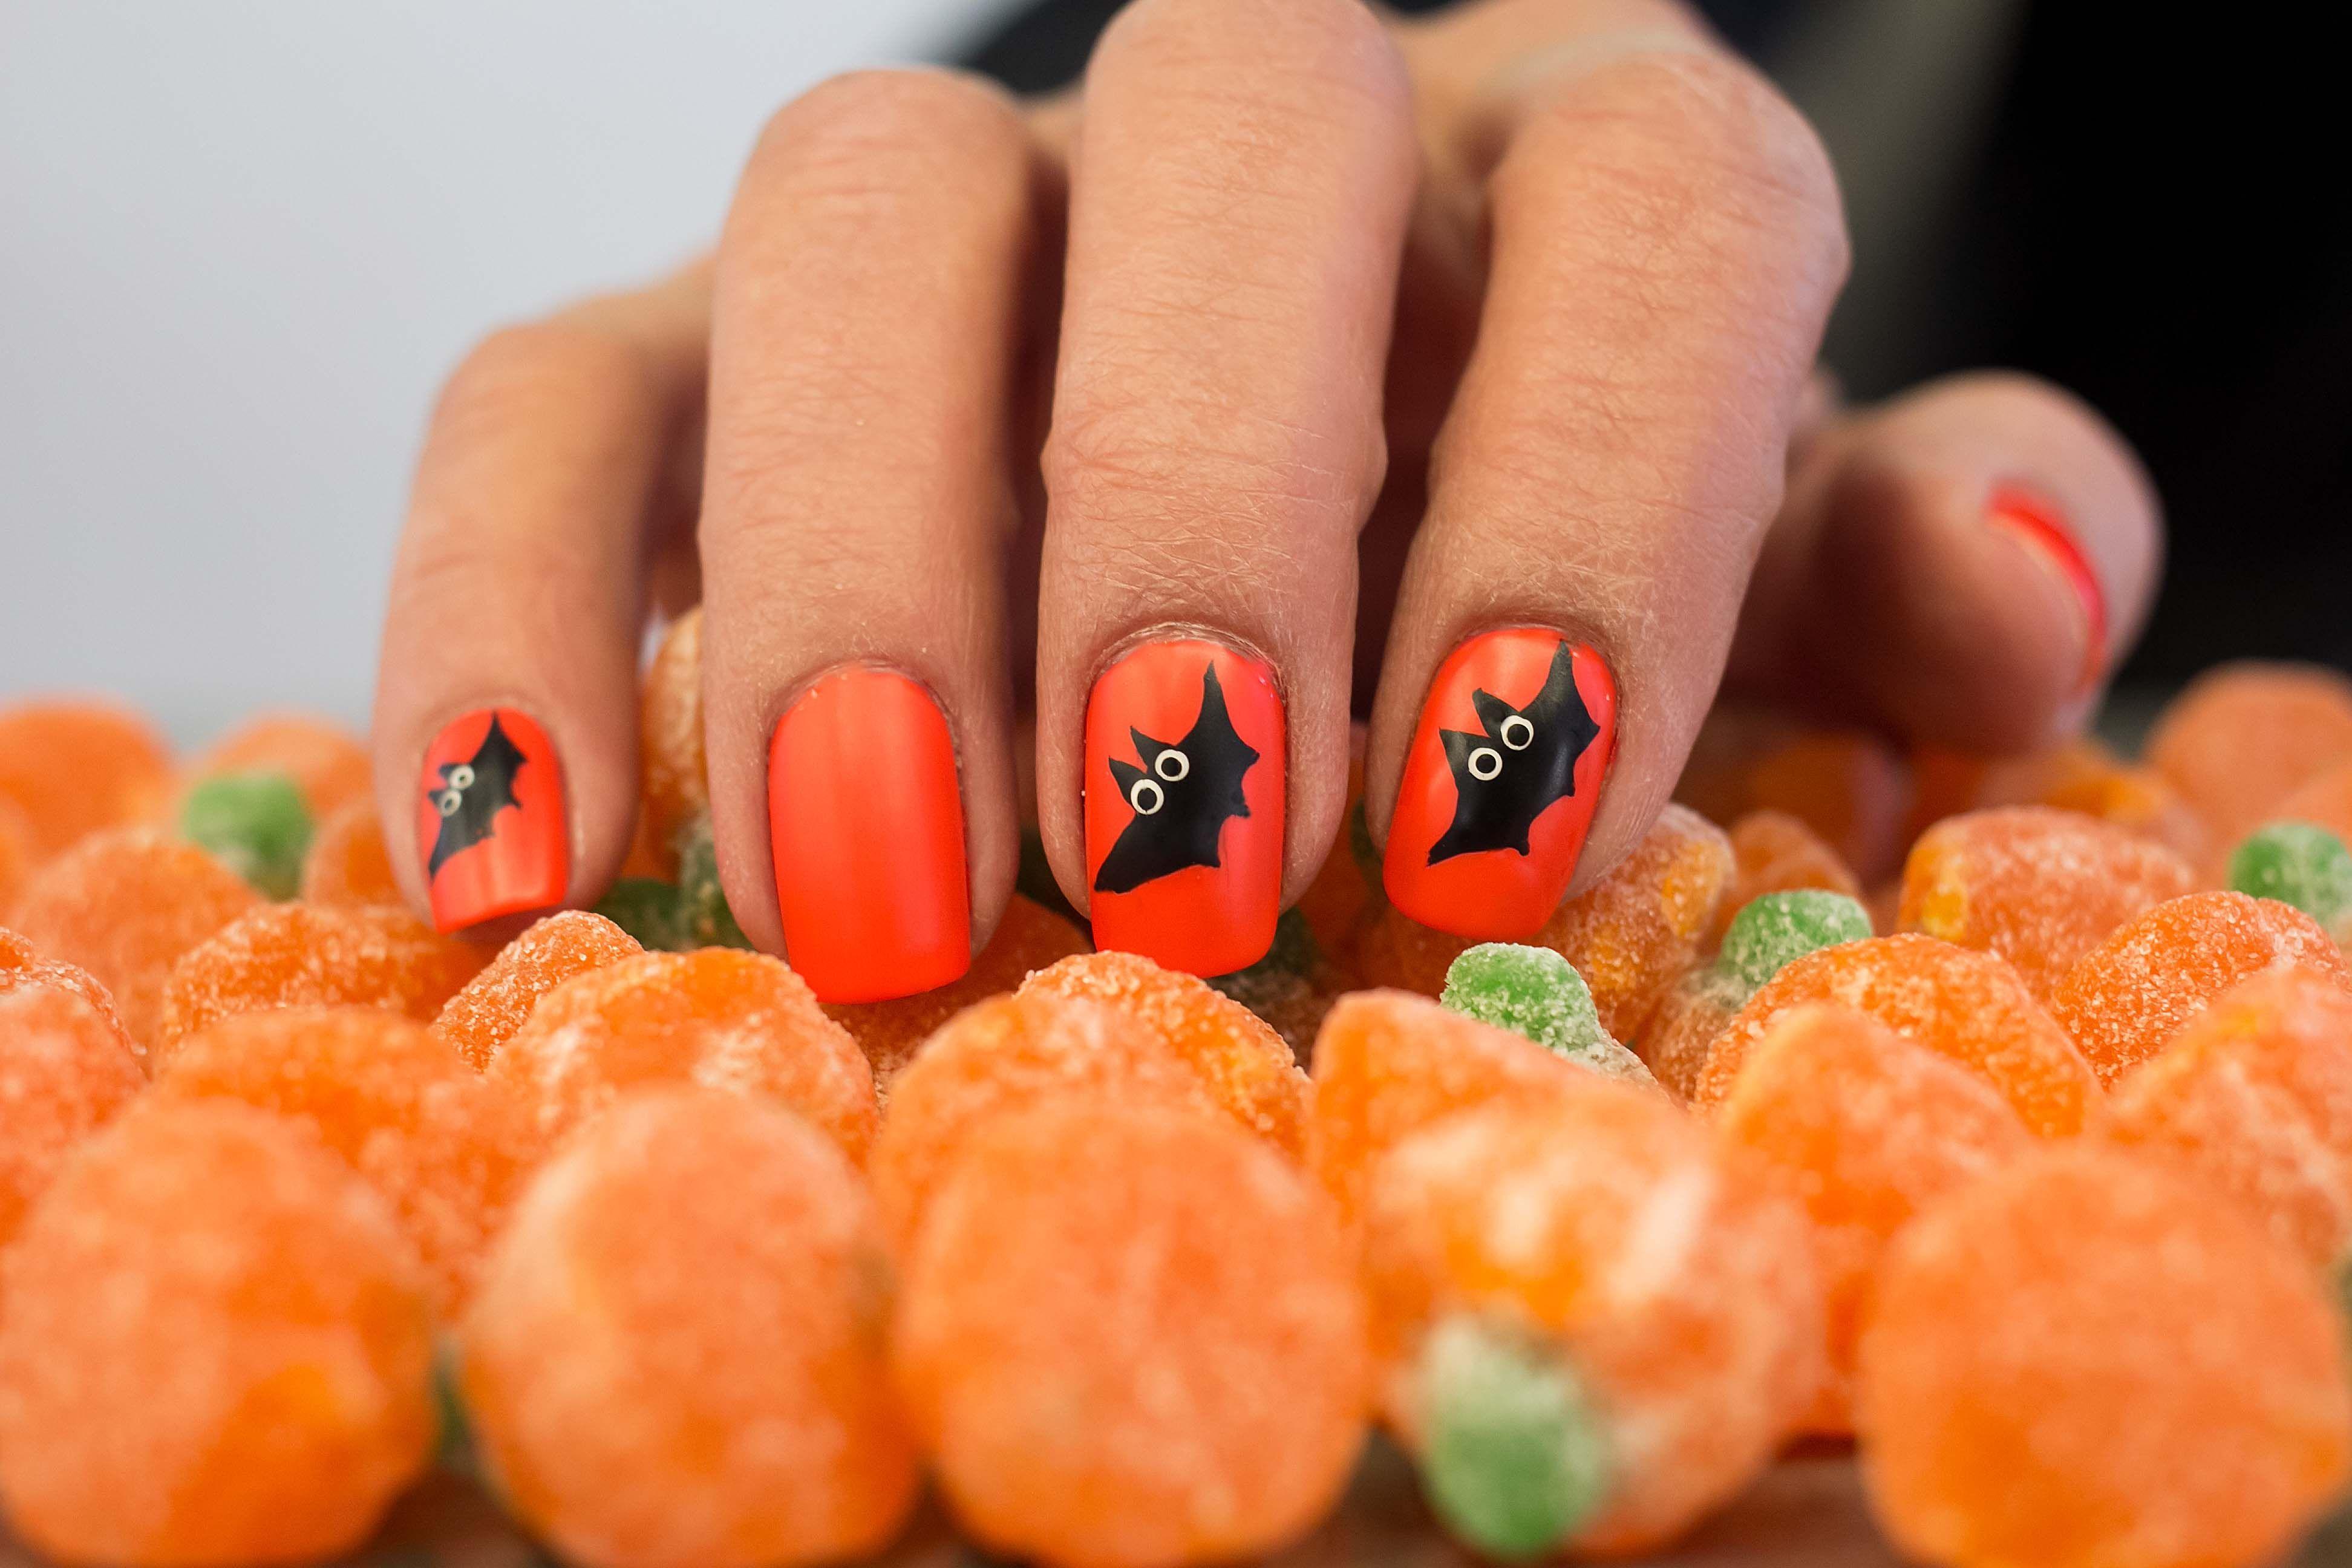 Manicura de uñas de murciélagos para Halloween